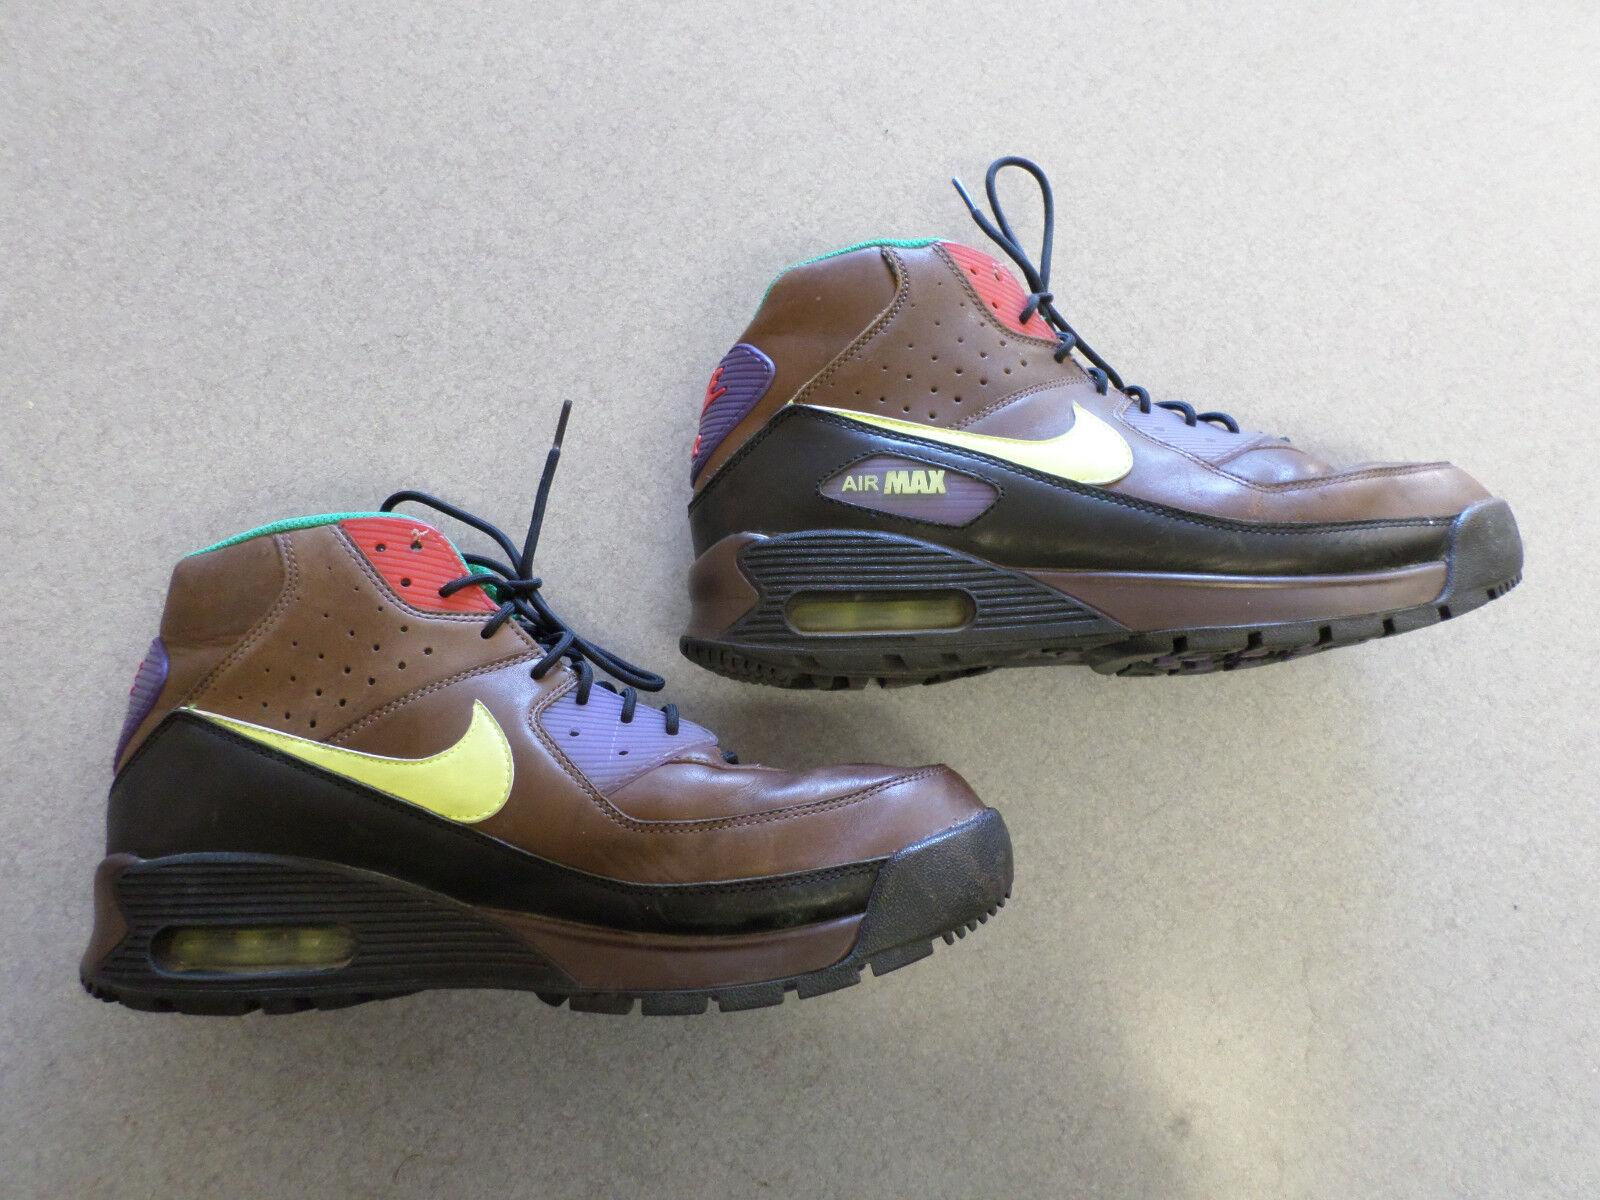 2007 Nike